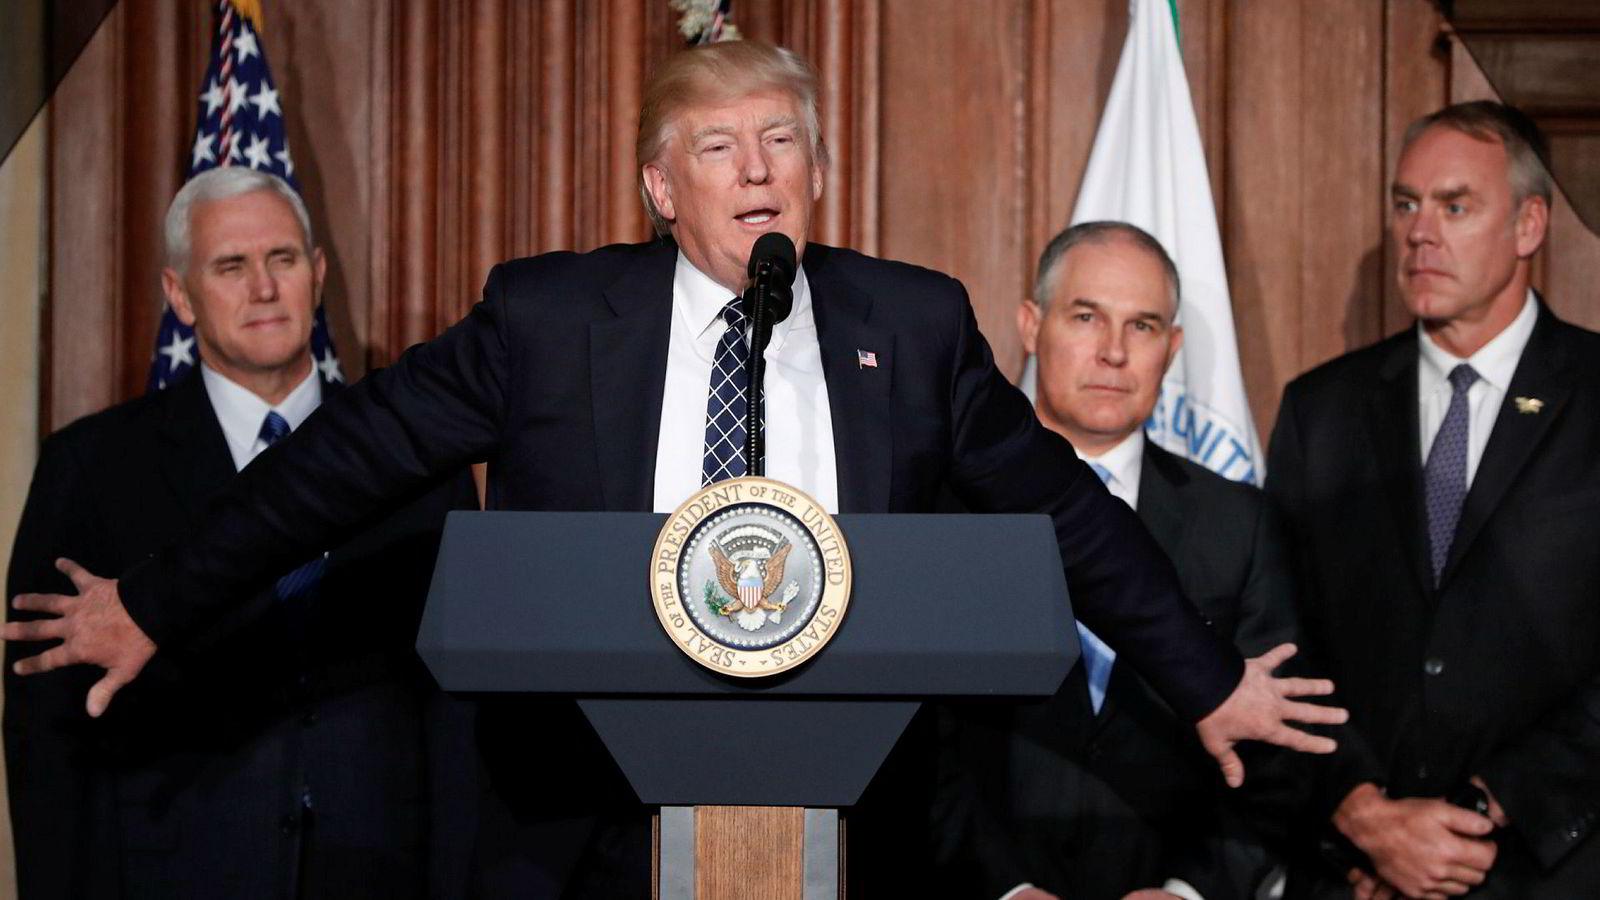 USAs president Donald Trump (i midten, foran) her avbildet sammen med visepresident Mike Pence (til venstre), klimasjef Scott Pruitt (andre fra høyre) og innenriksminister Ryan Zinke.